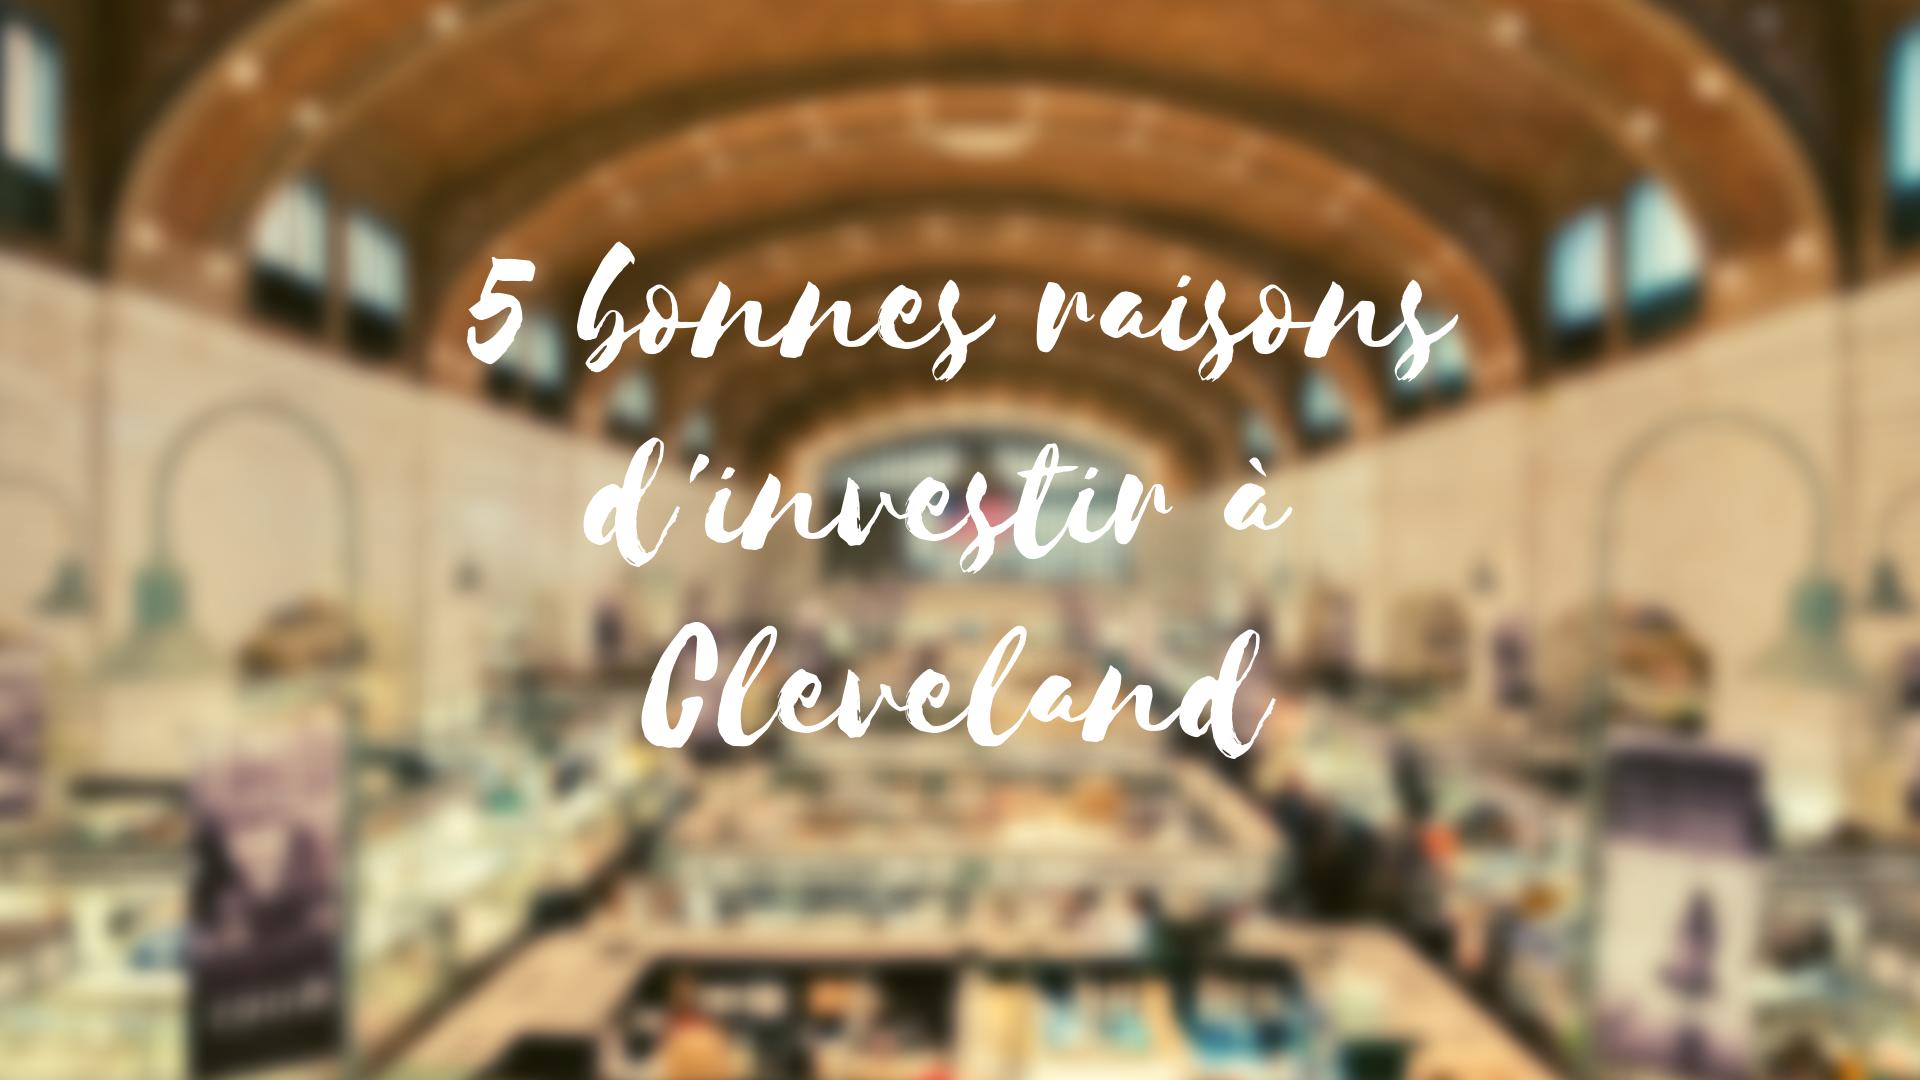 5 bonnes raisons d'investir à Cleveland plutôt qu'a Detroit